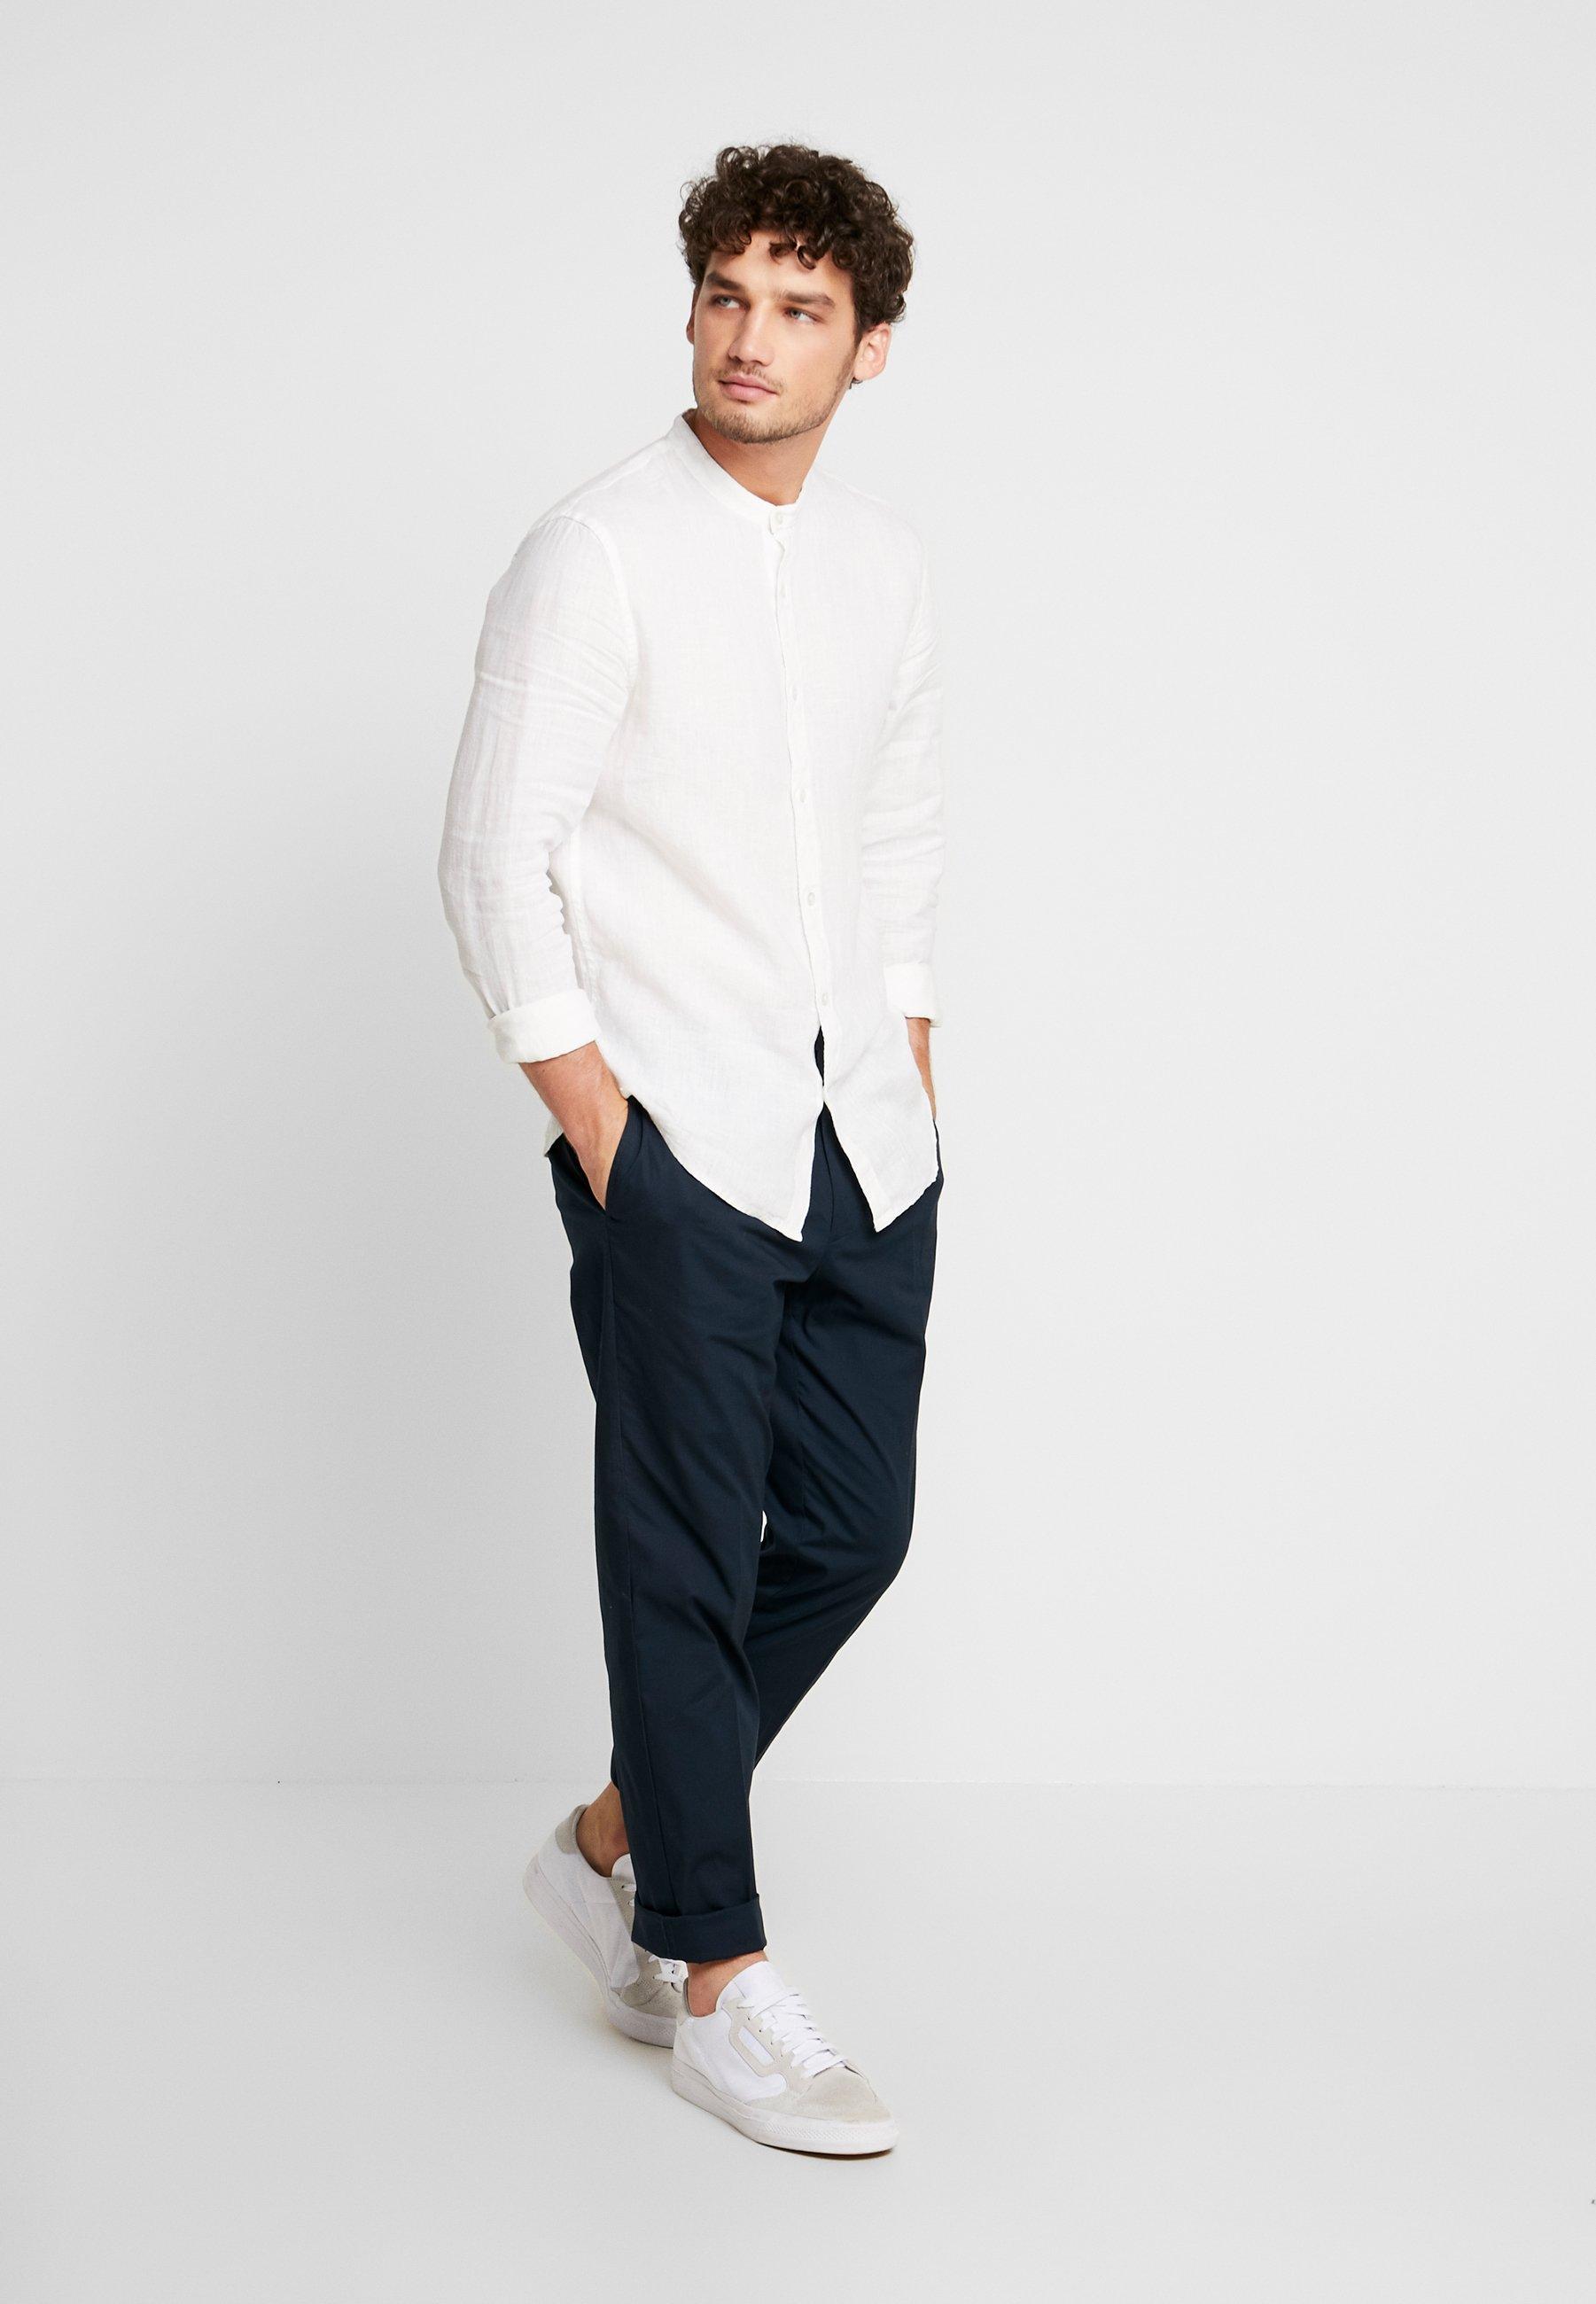 Pier One Camicia - white